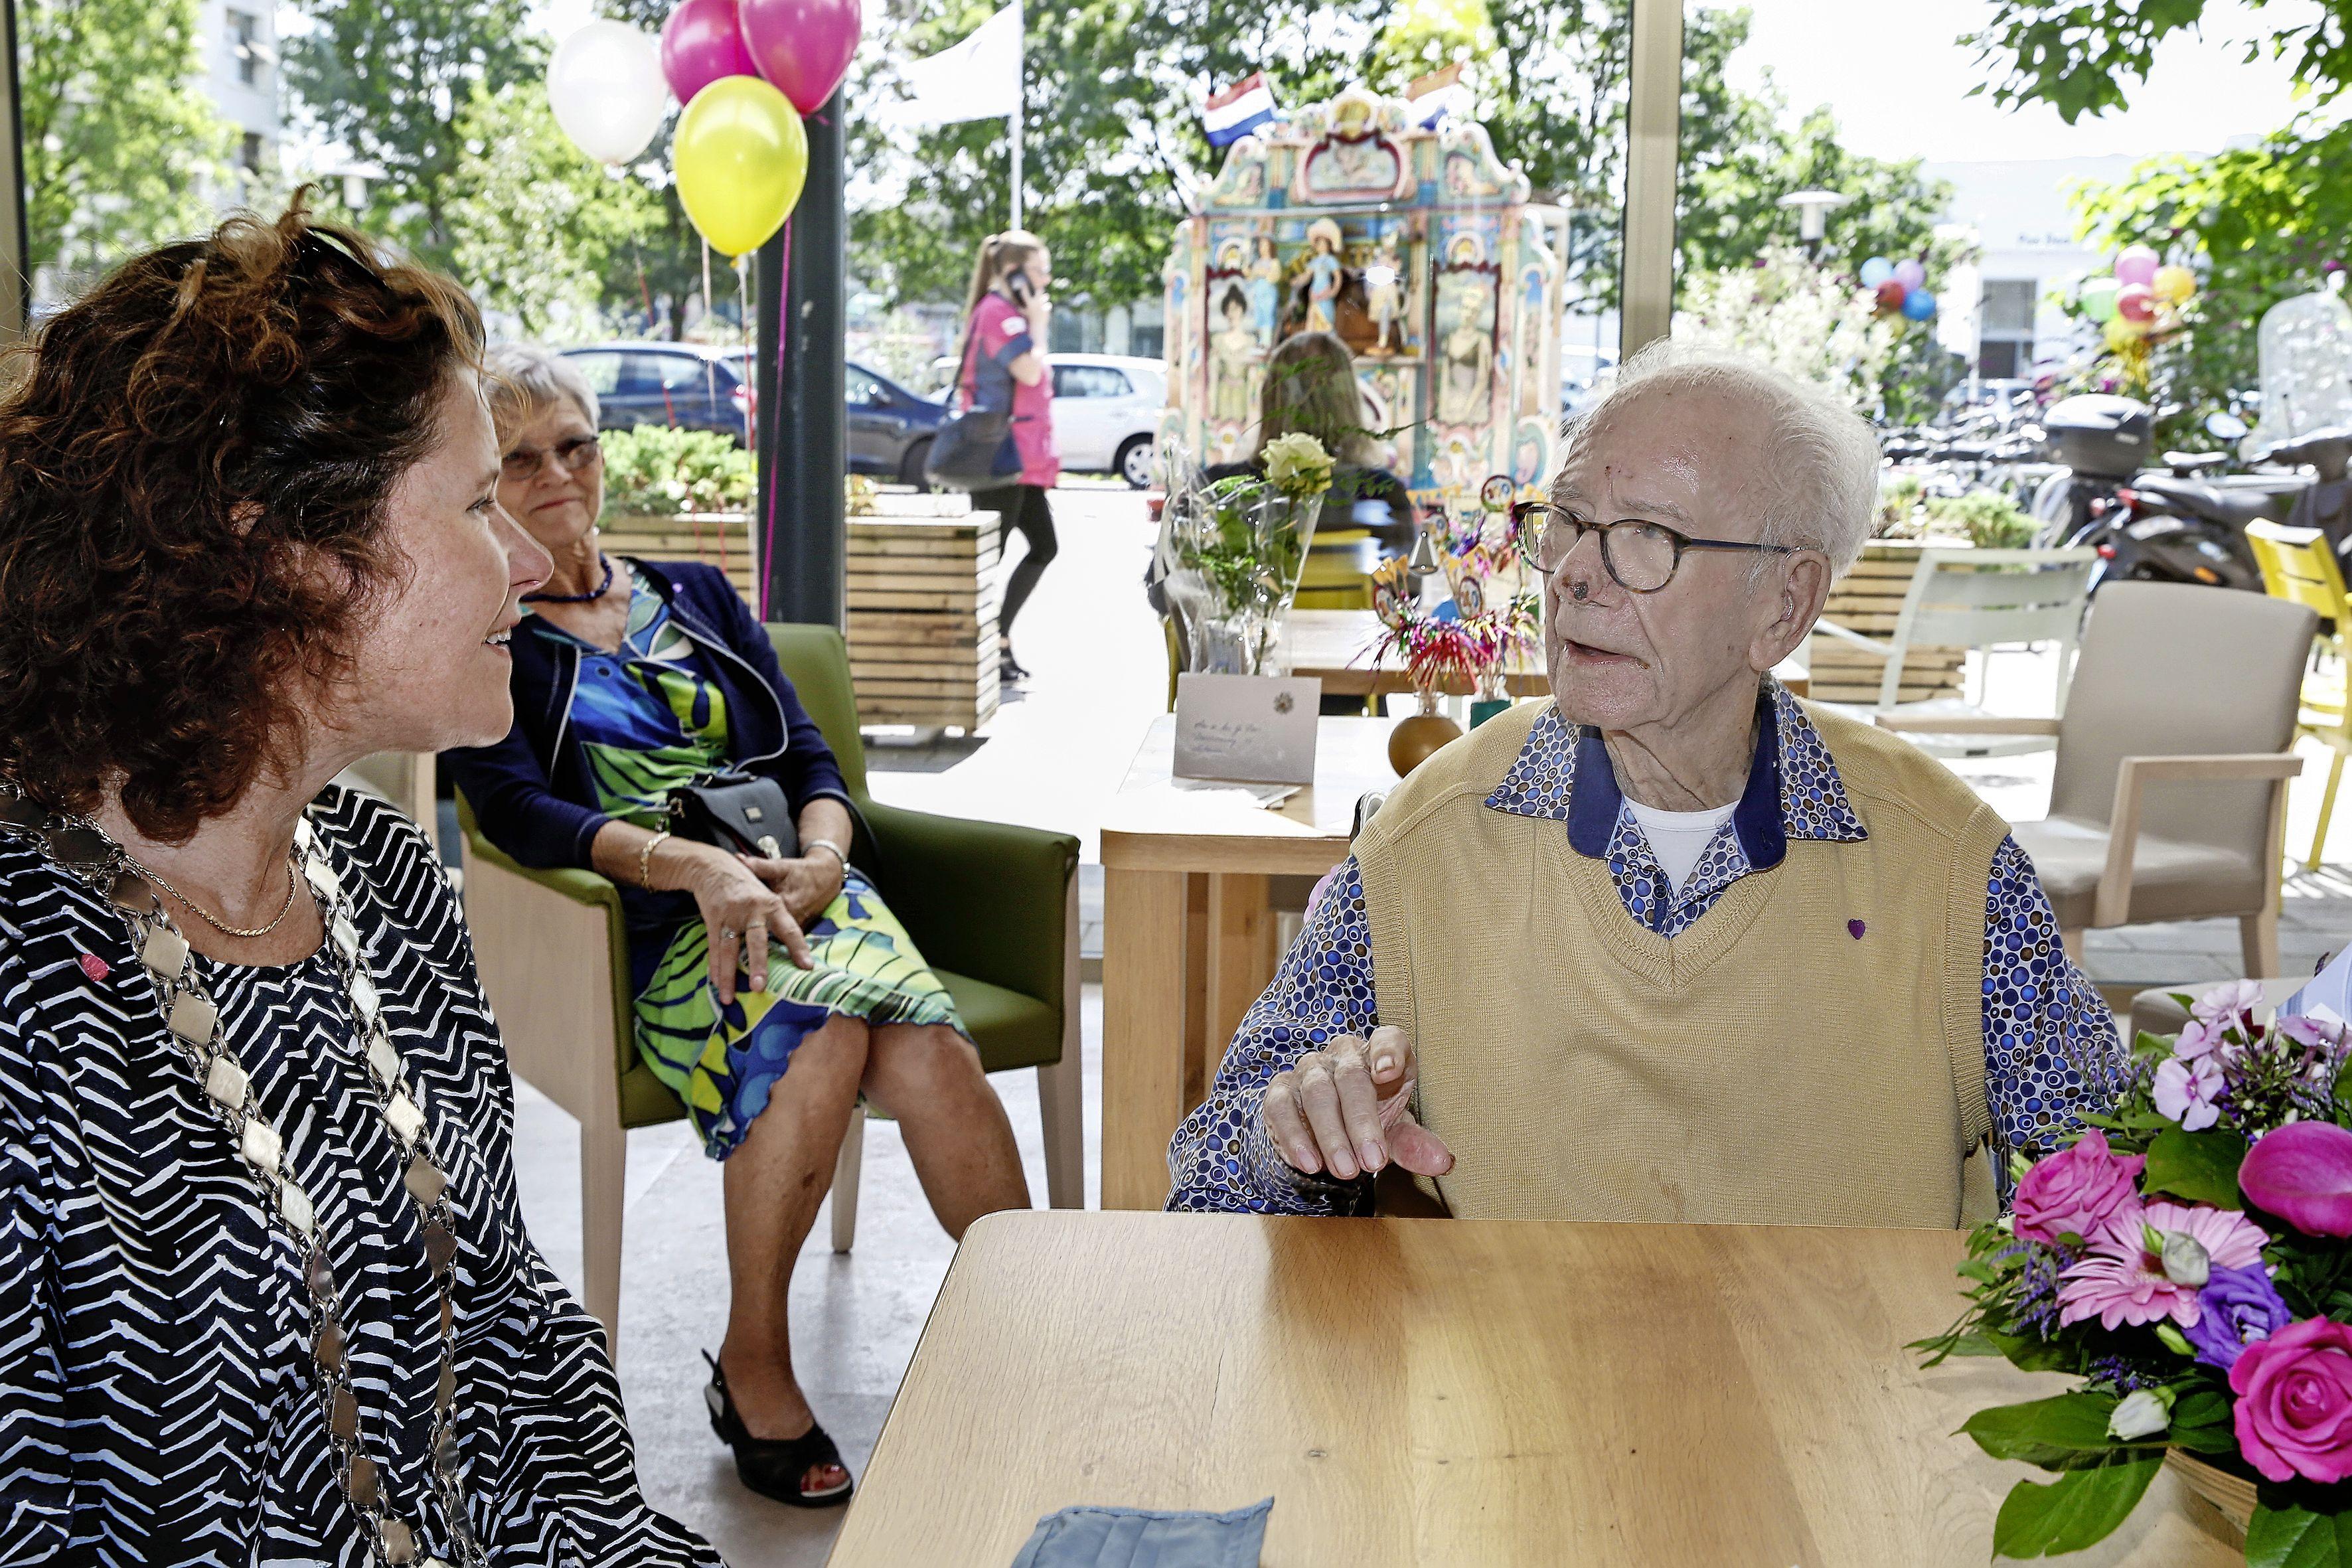 'Geweldig'; Hilversummer Gerrit Baas (100) beleeft mooie dag met draaiorgelmuziek op zijn verjaardag